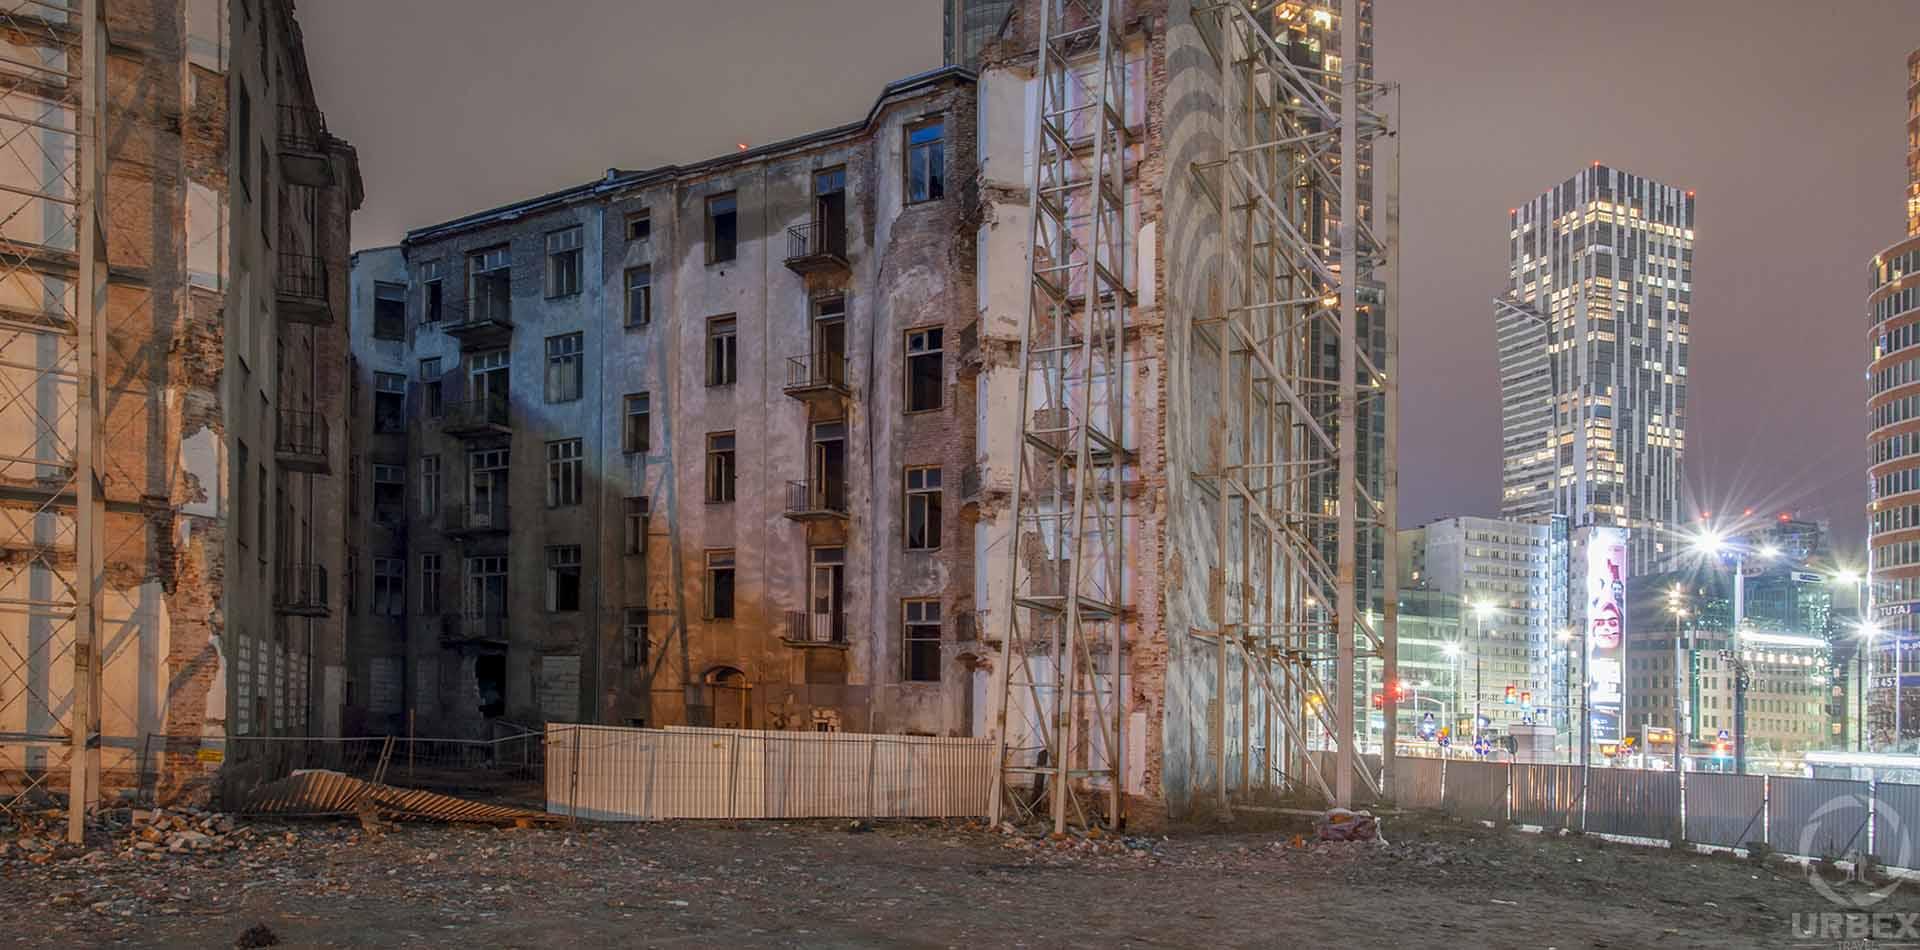 Abandoned Jewish Tenemet House Warsaw at night